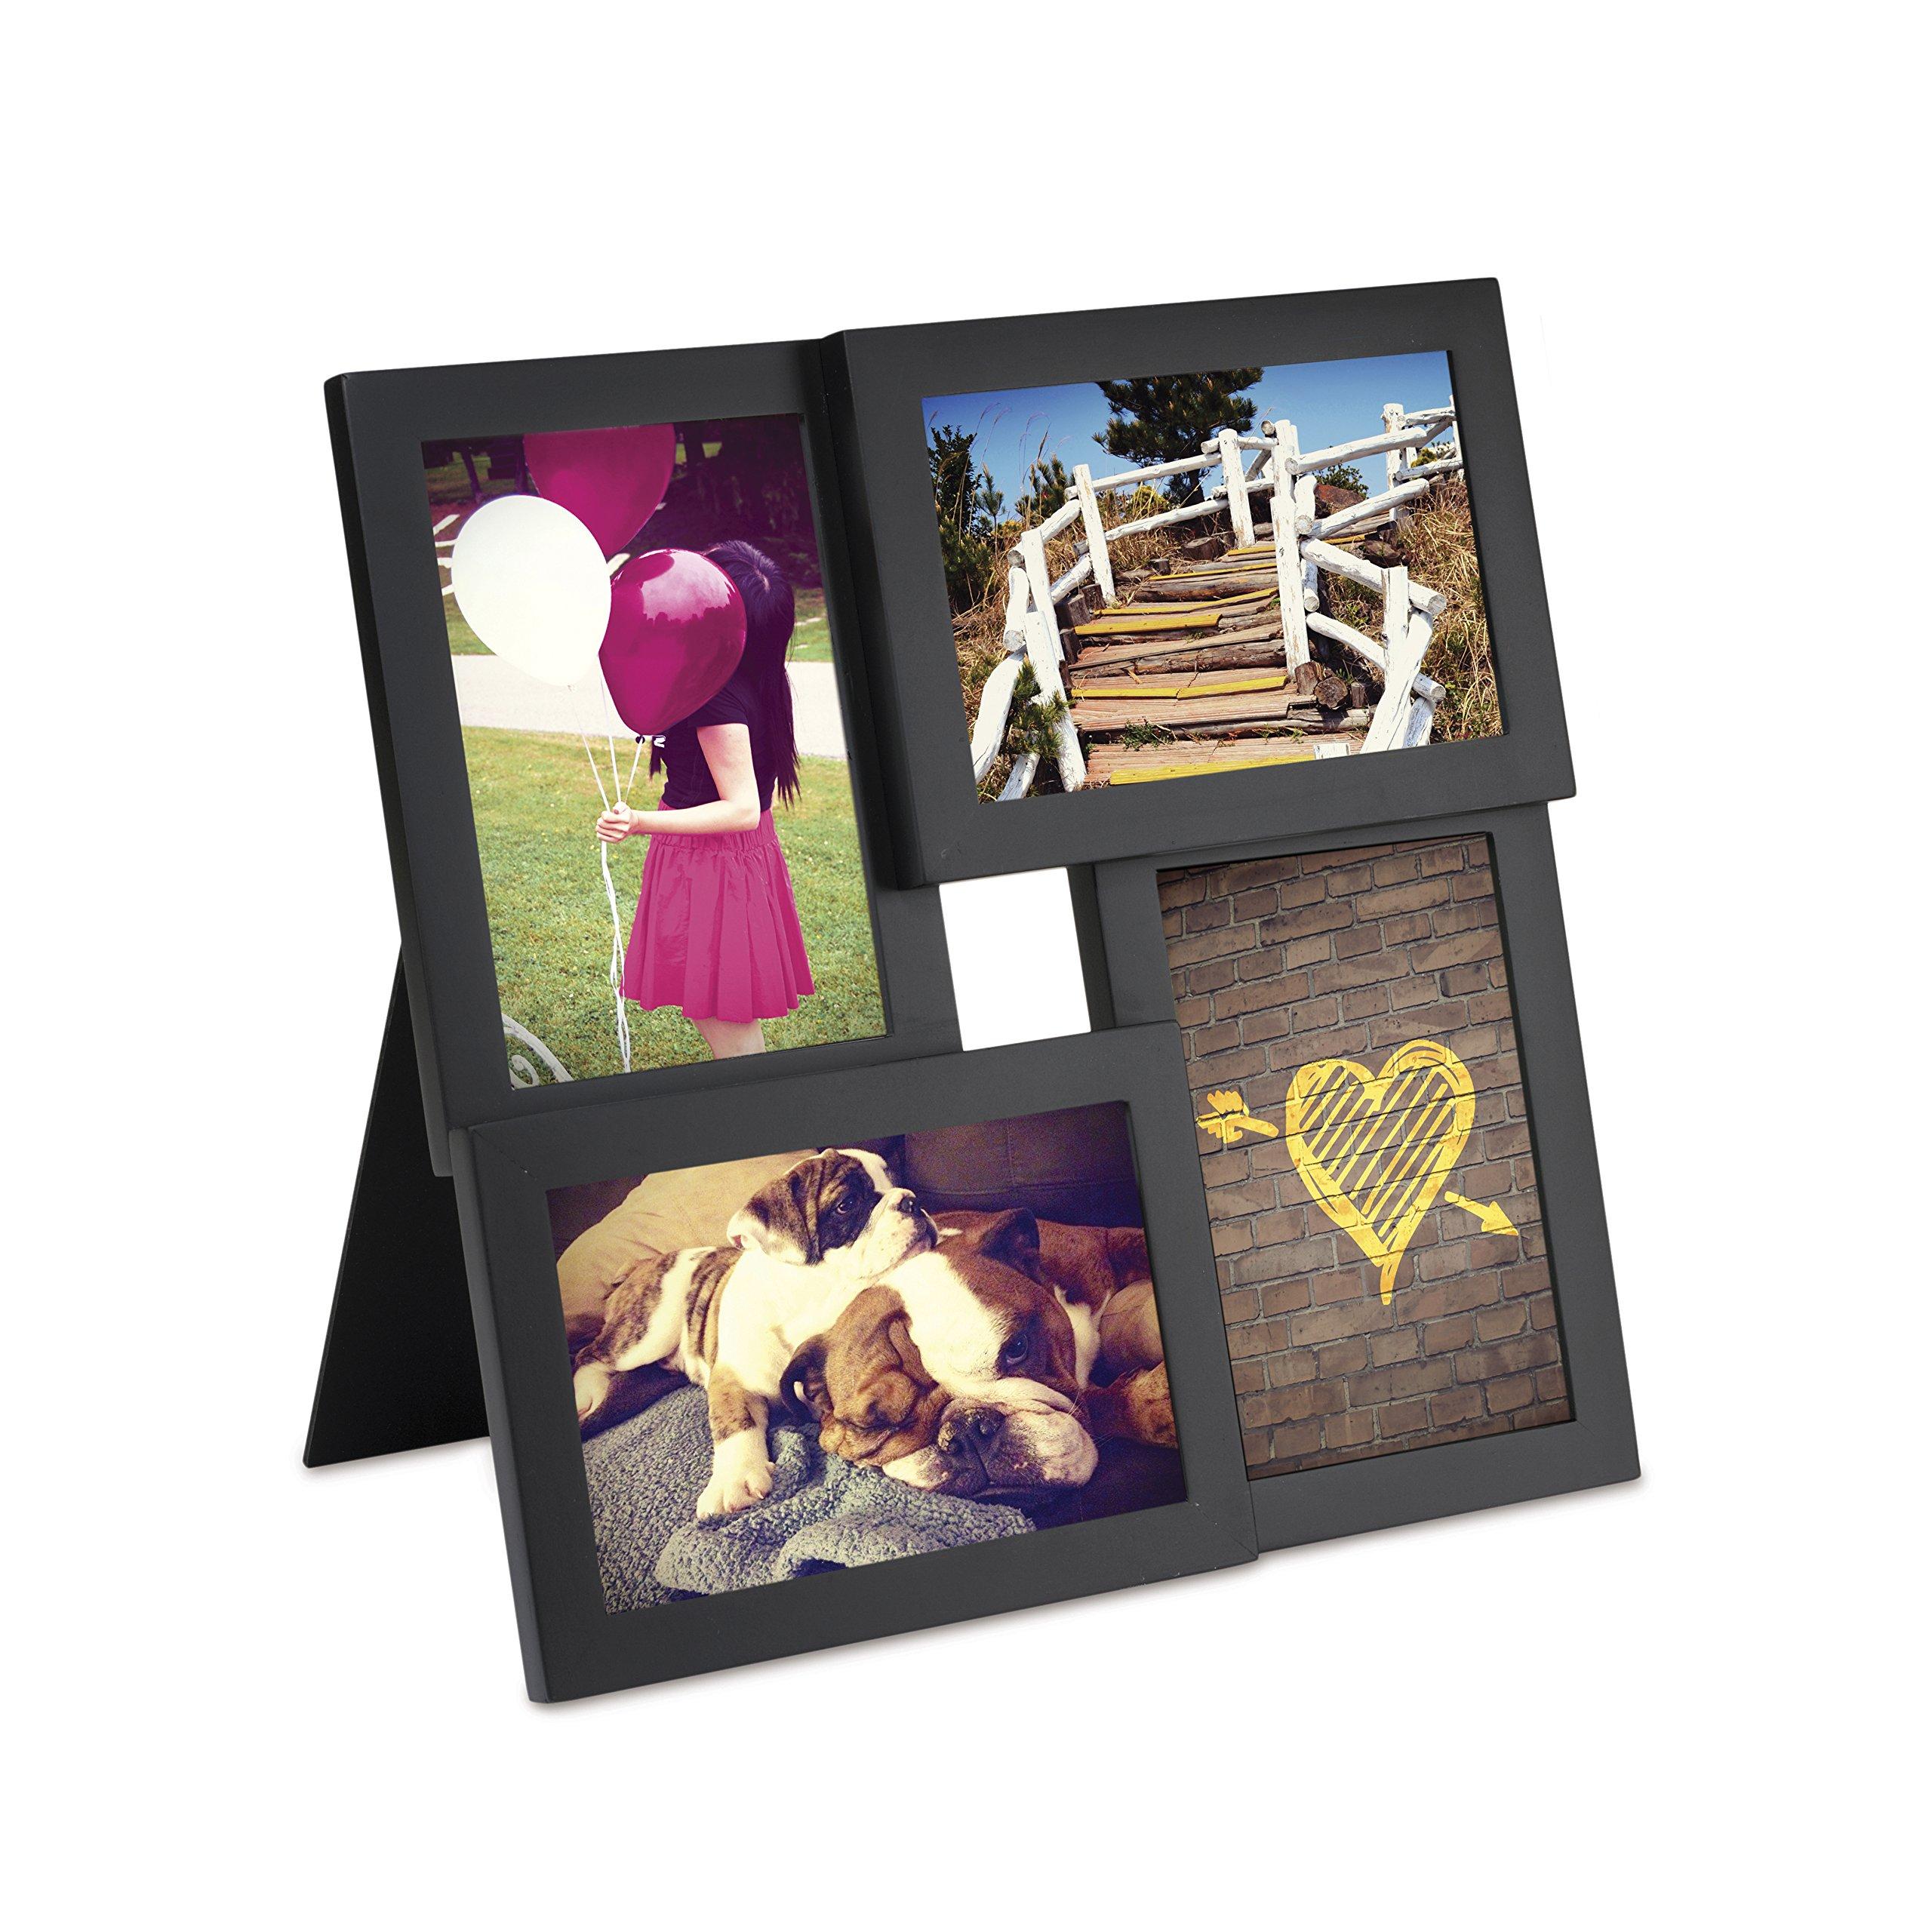 Umbra Pane 4-Opening Desktop Collage Frame, 4x6, Black